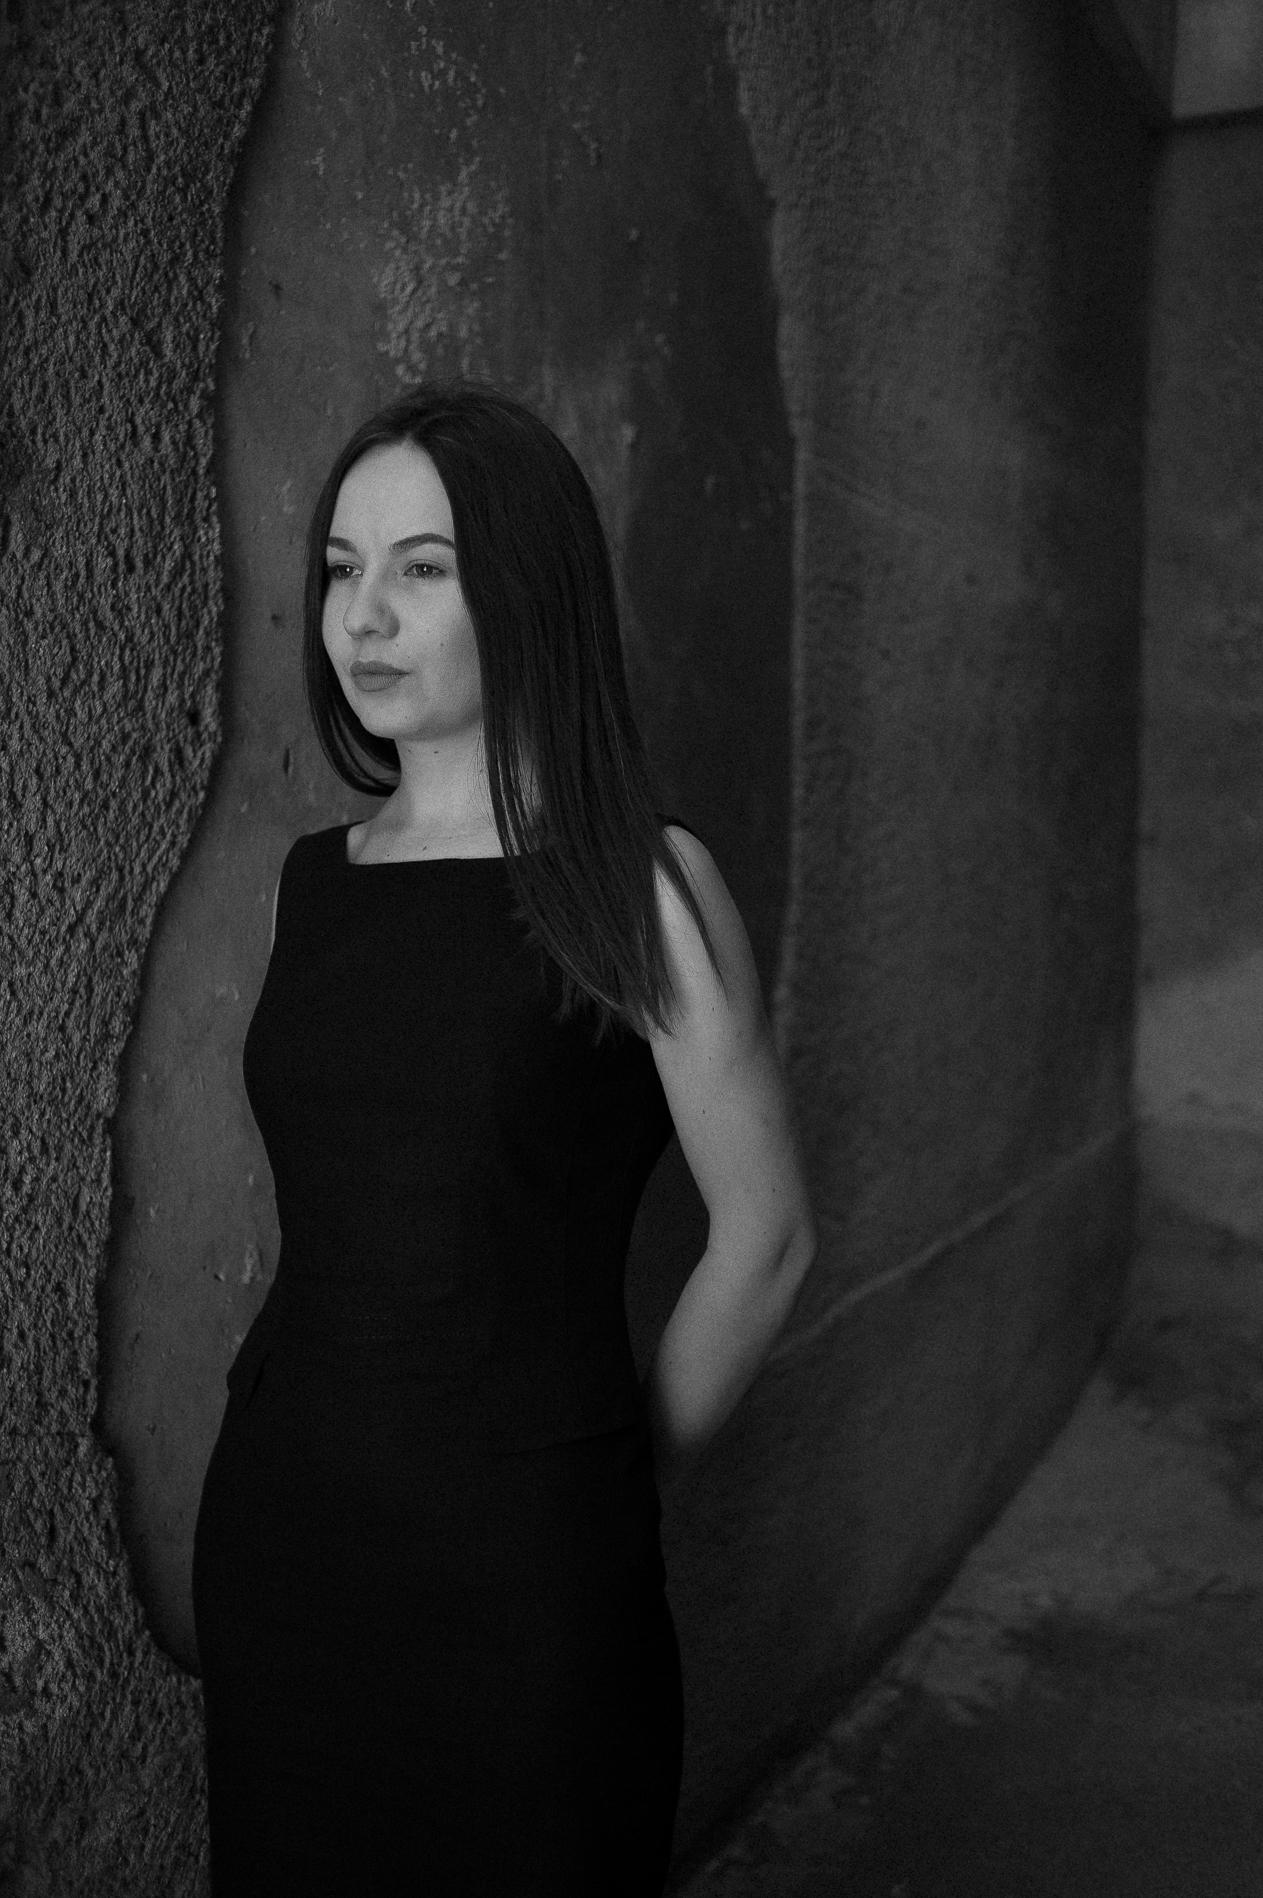 mihaela-chiu_4